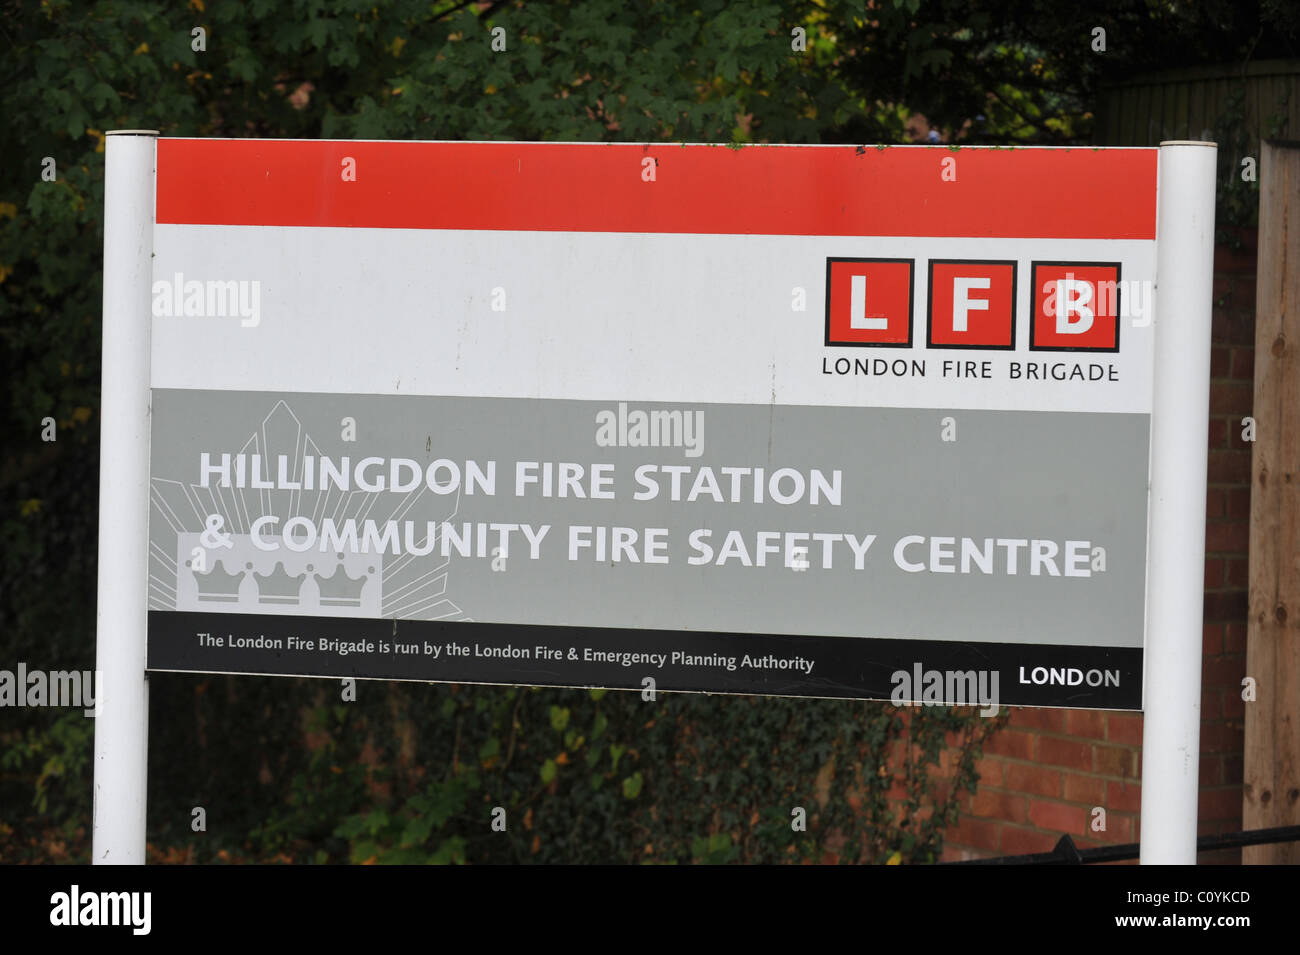 Hillingdon Fire Station & Community Fire safety centre - Stock Image